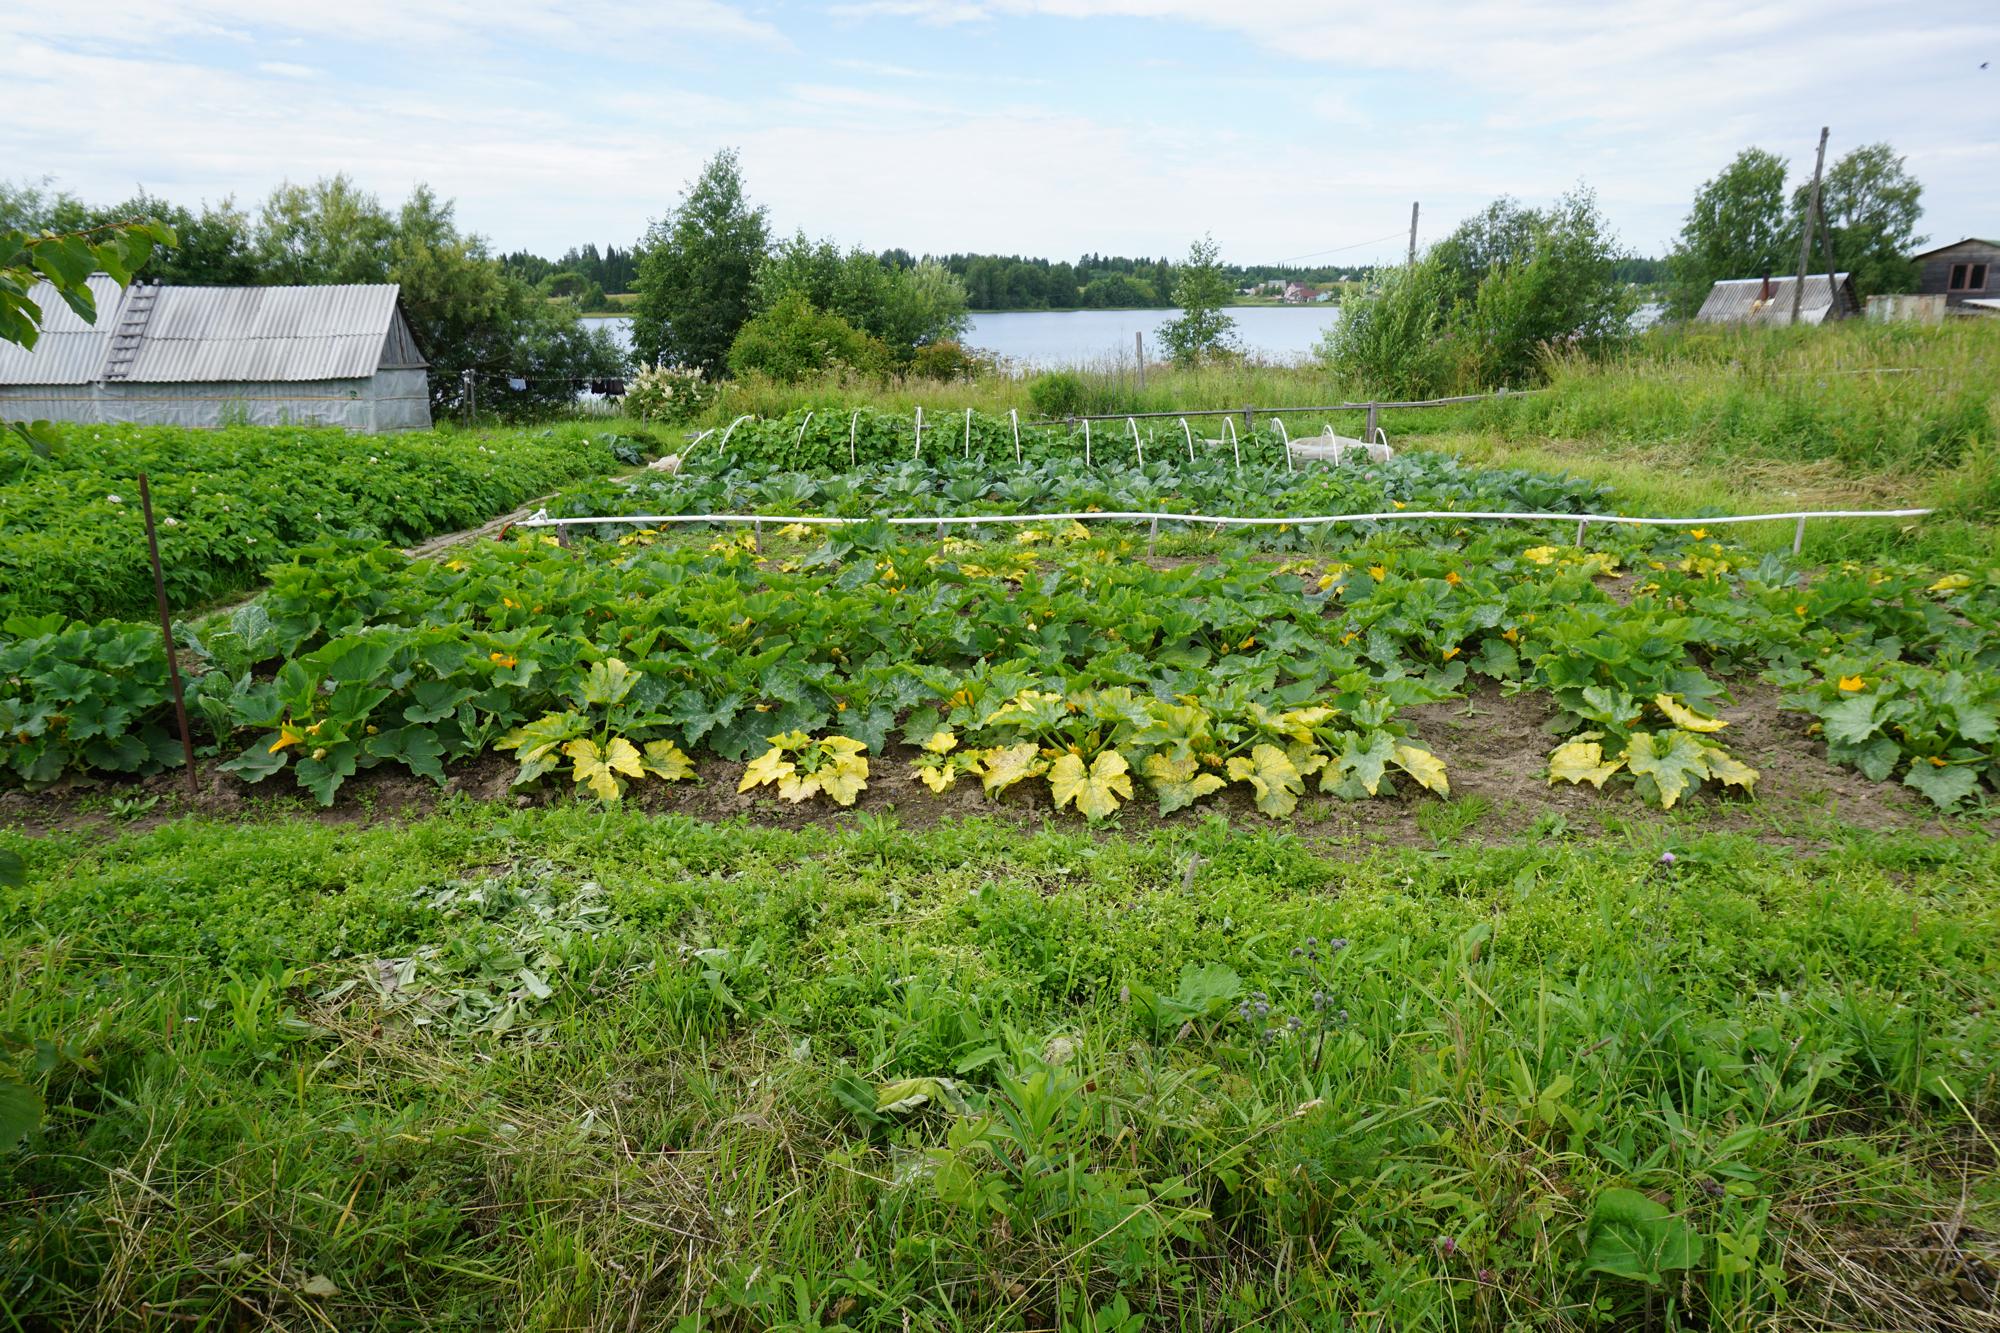 Bilde fra en tradisjonell russisk datsjaen -et sted hvor mange fortsatt henter vesentlige deler av sin mat.